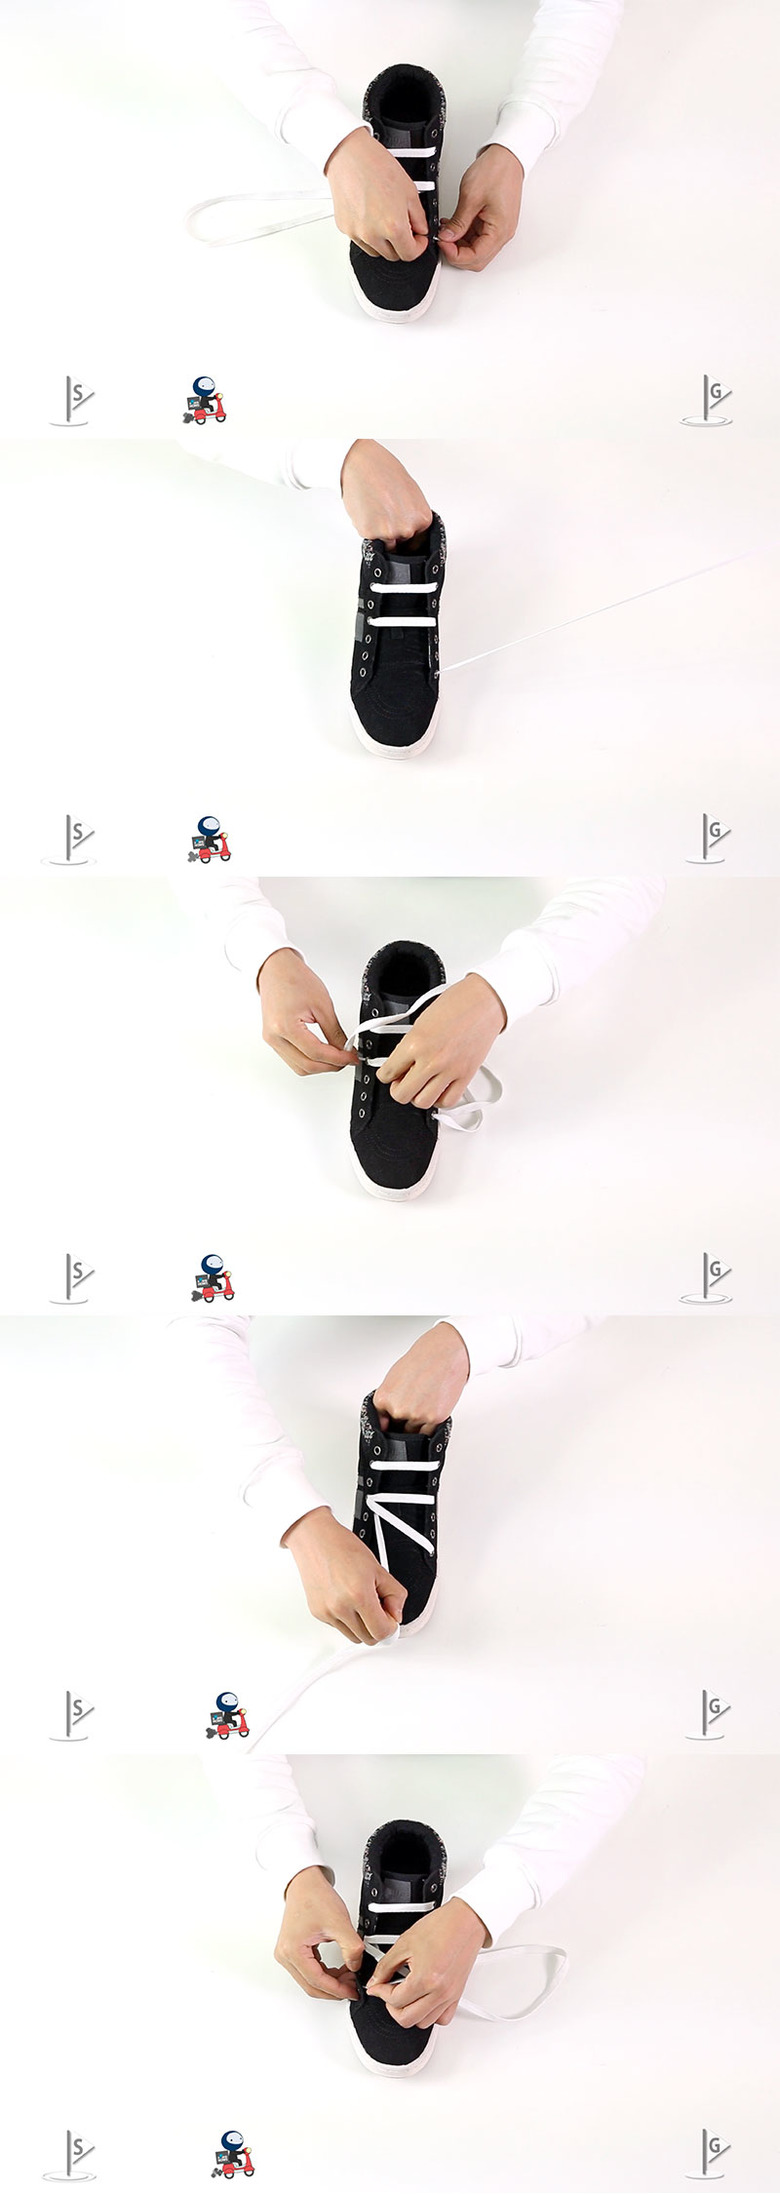 신발끈 예쁘게 묶는 방법